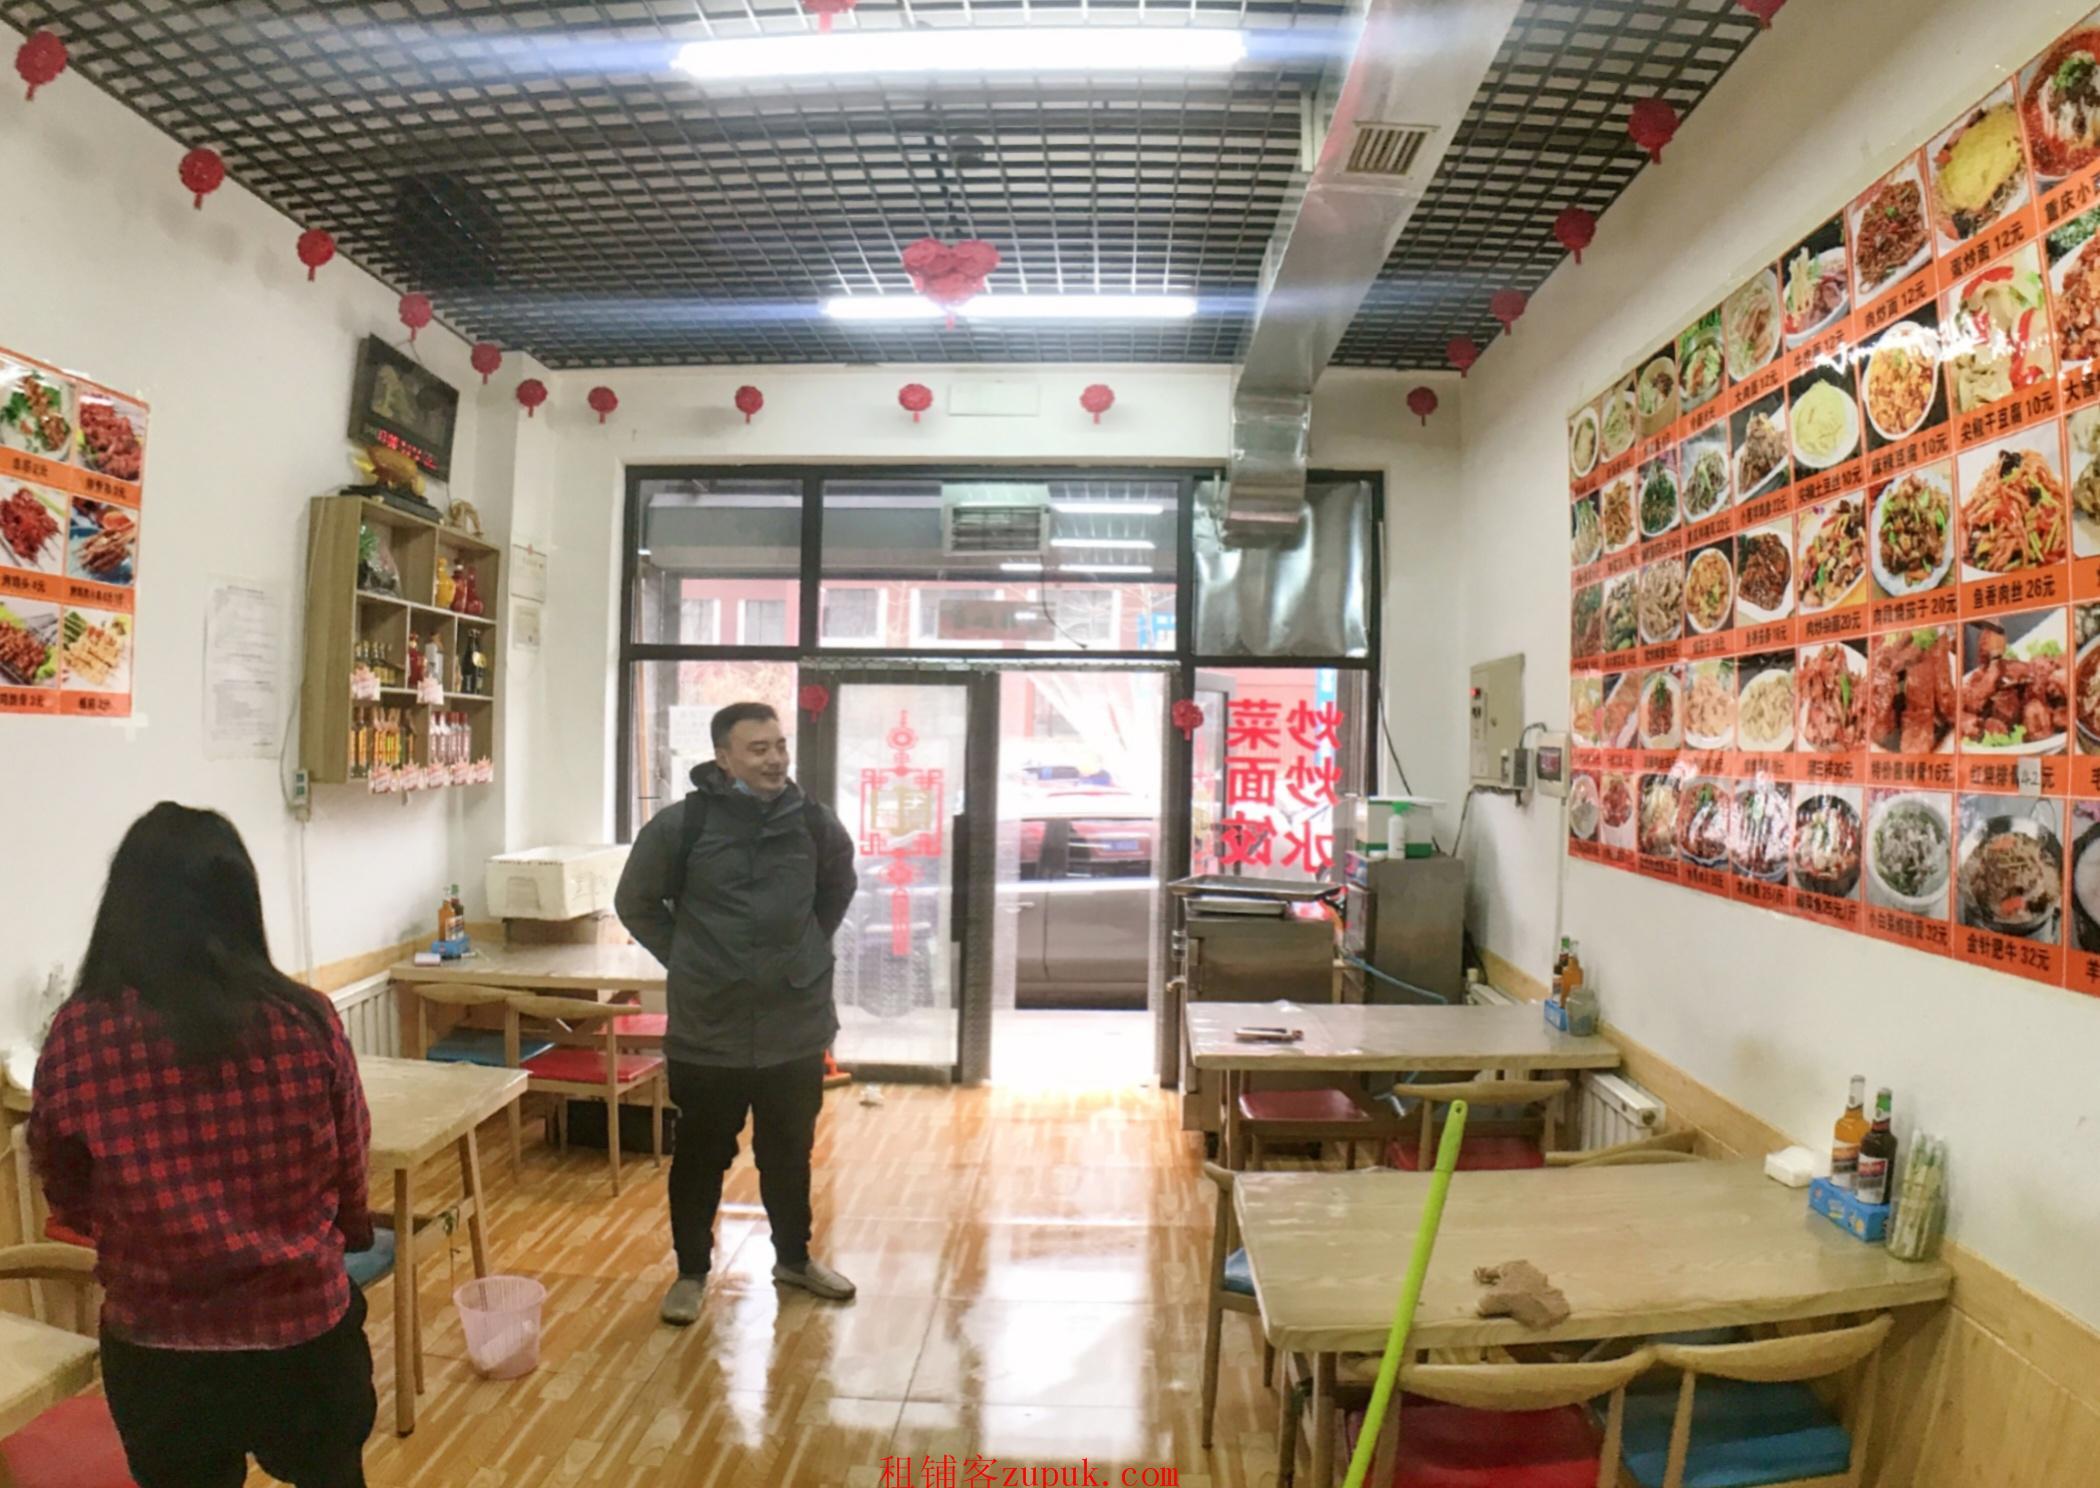 沈师大学城商圈,饭店精装低价出租,无兑费,不愁客源